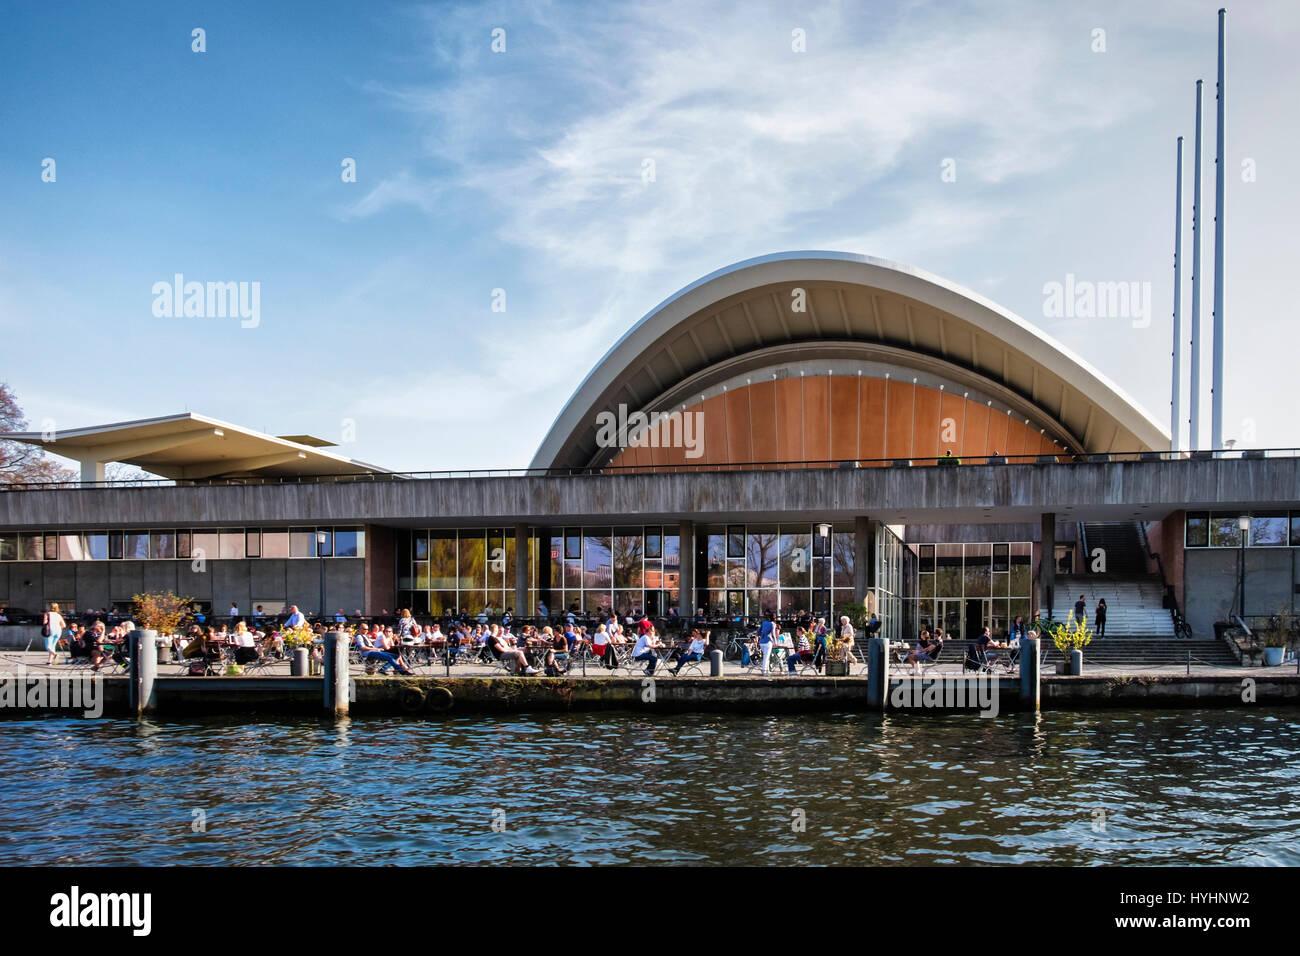 Berlino, Mitte.Il HKW {Haus der Kulturen der Welt) .luogo culturale e centro per concerti, conferenze e mostre. Immagini Stock